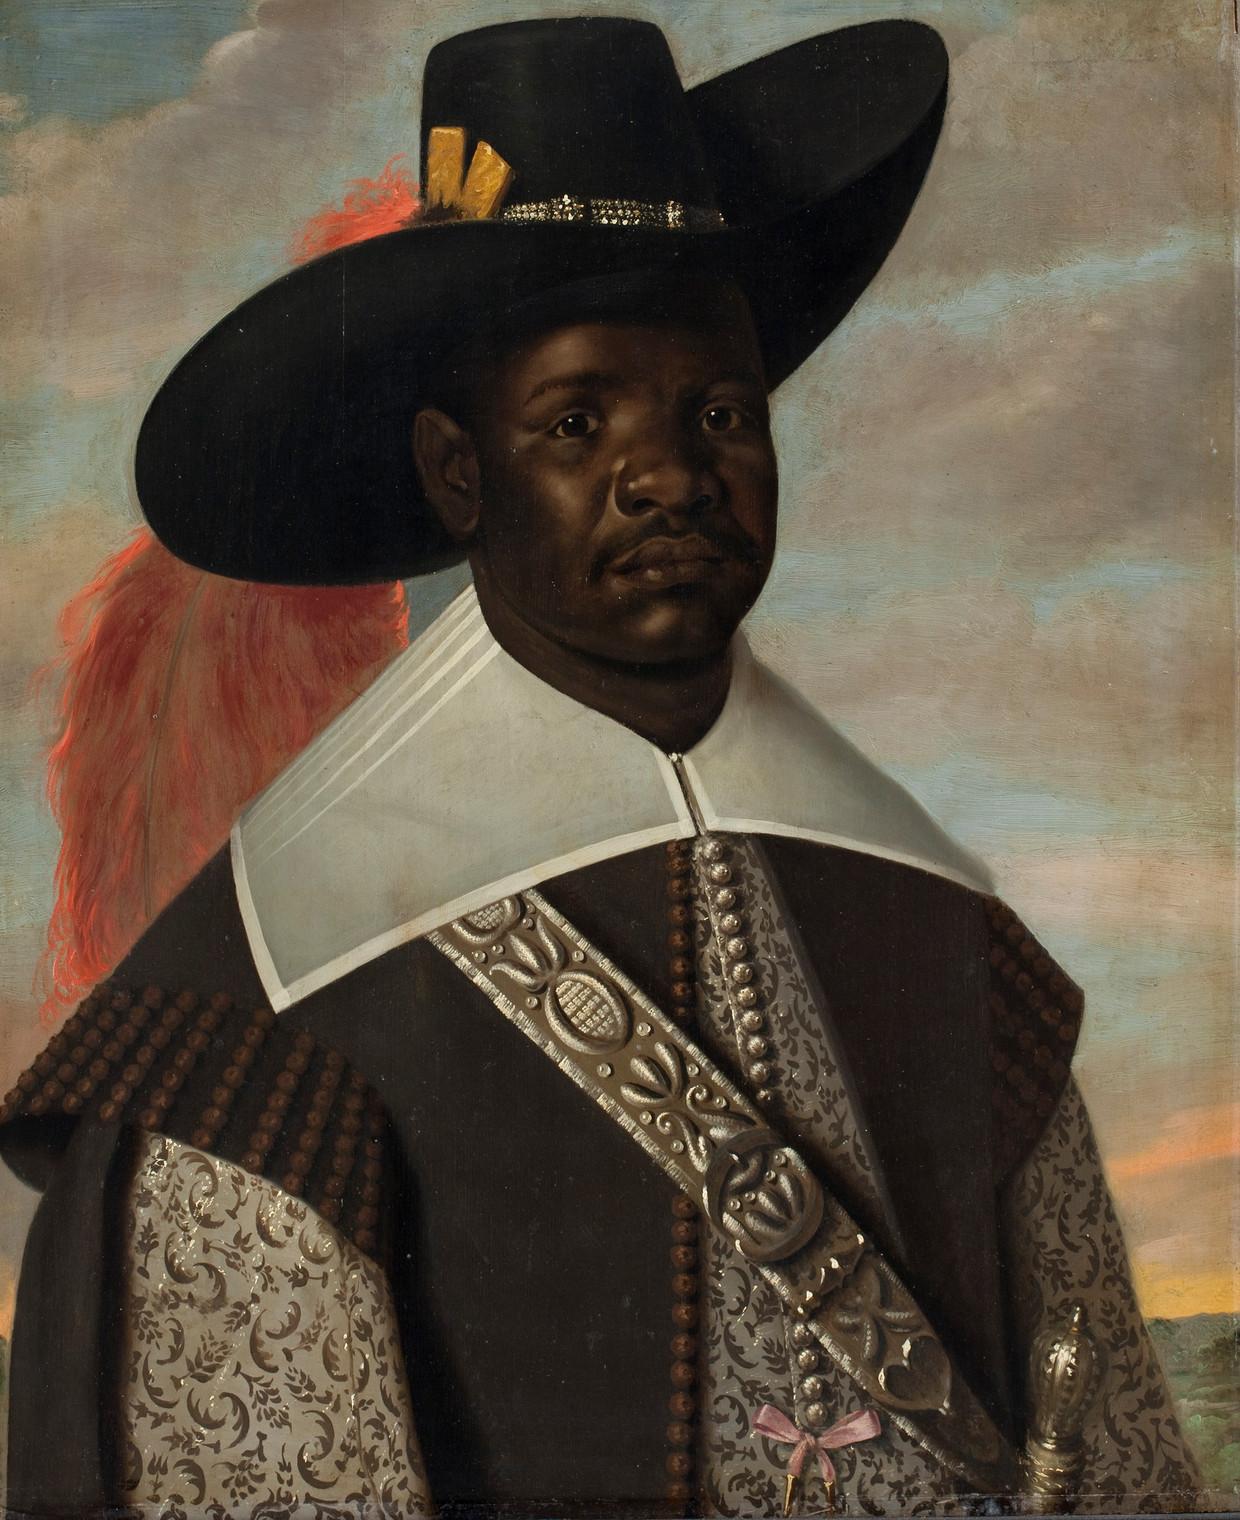 Jasper of Jeronimus Beckx, Portret van Dom Miguel de Castro (1643). Beeld Statensmuseum for Kunst, Kopenhagen